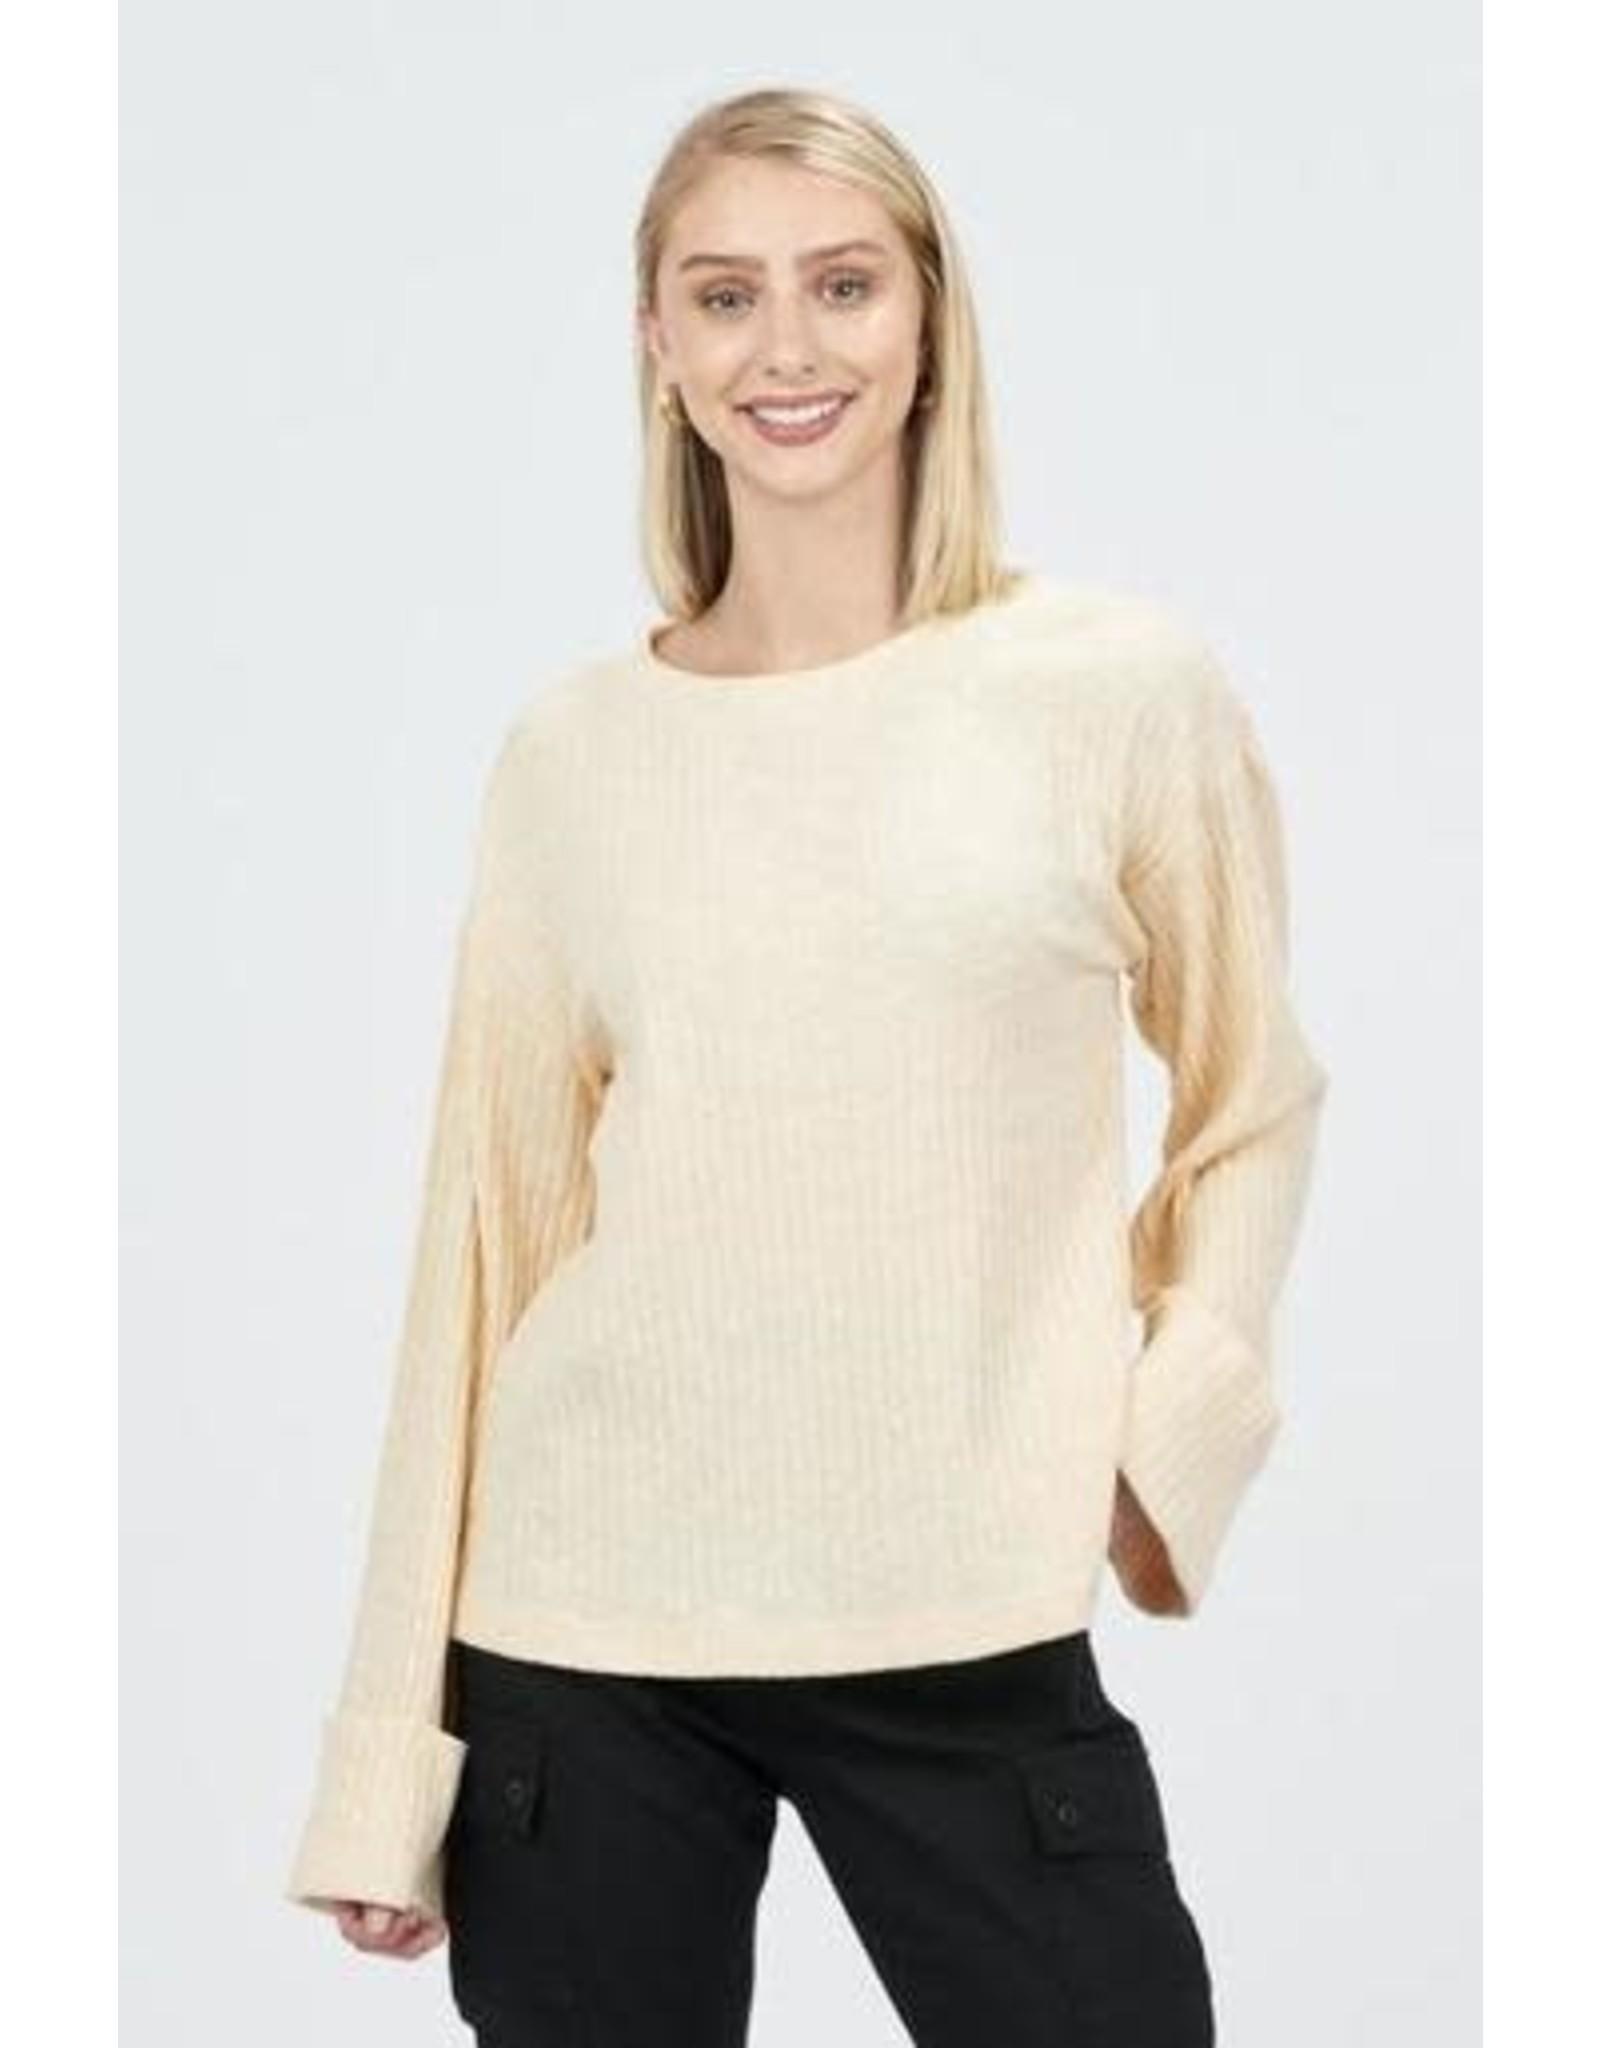 Very J Beige Sweater